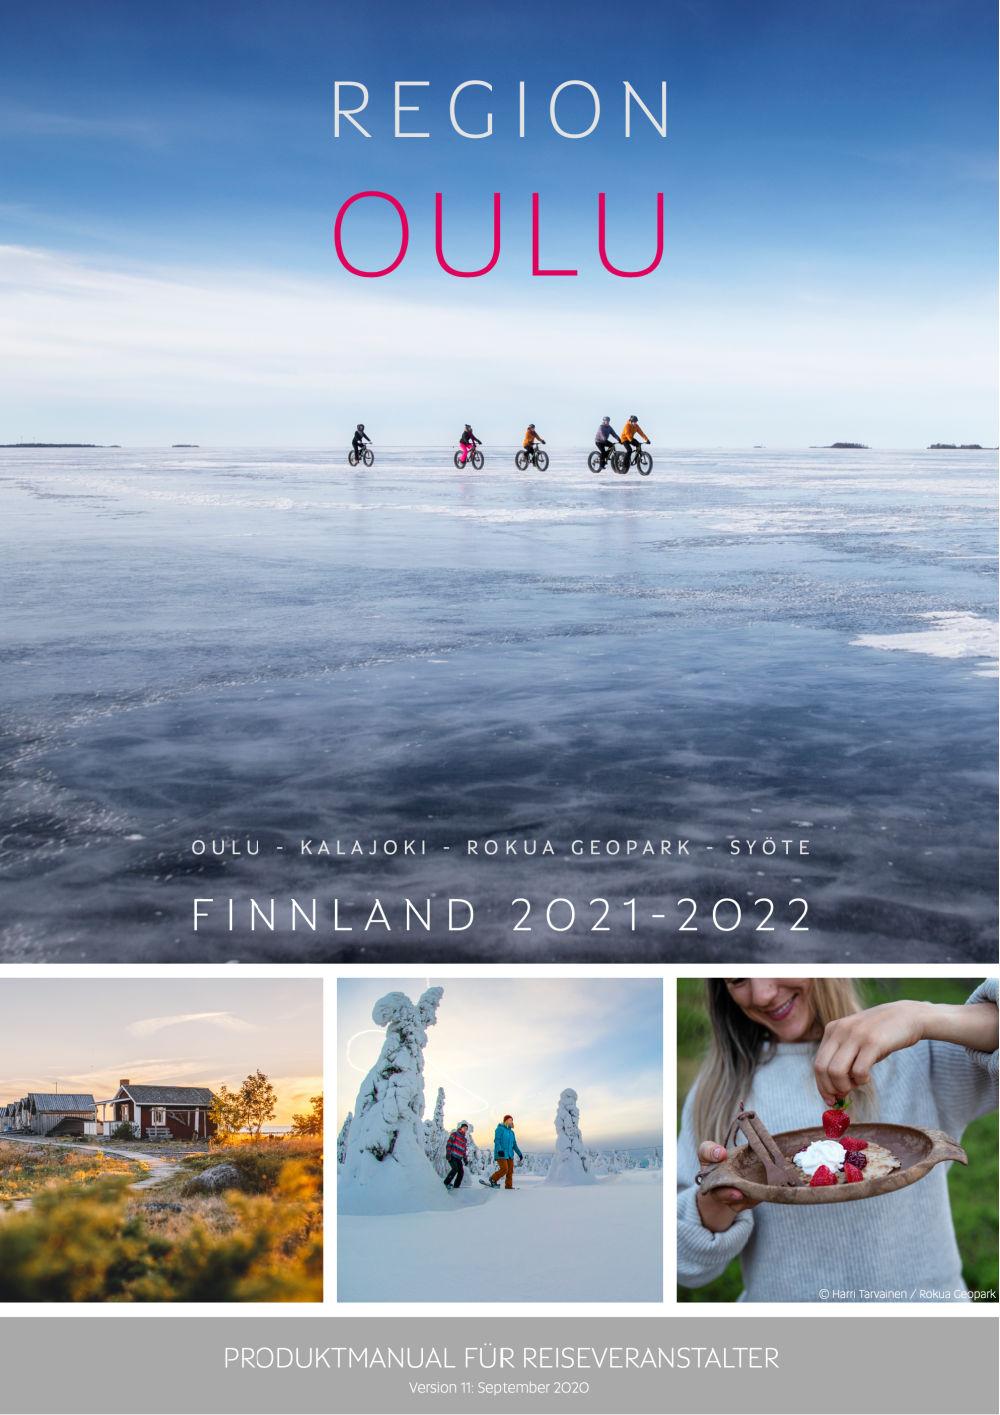 Produktmanual Region Oulu Finnland 2021-2022